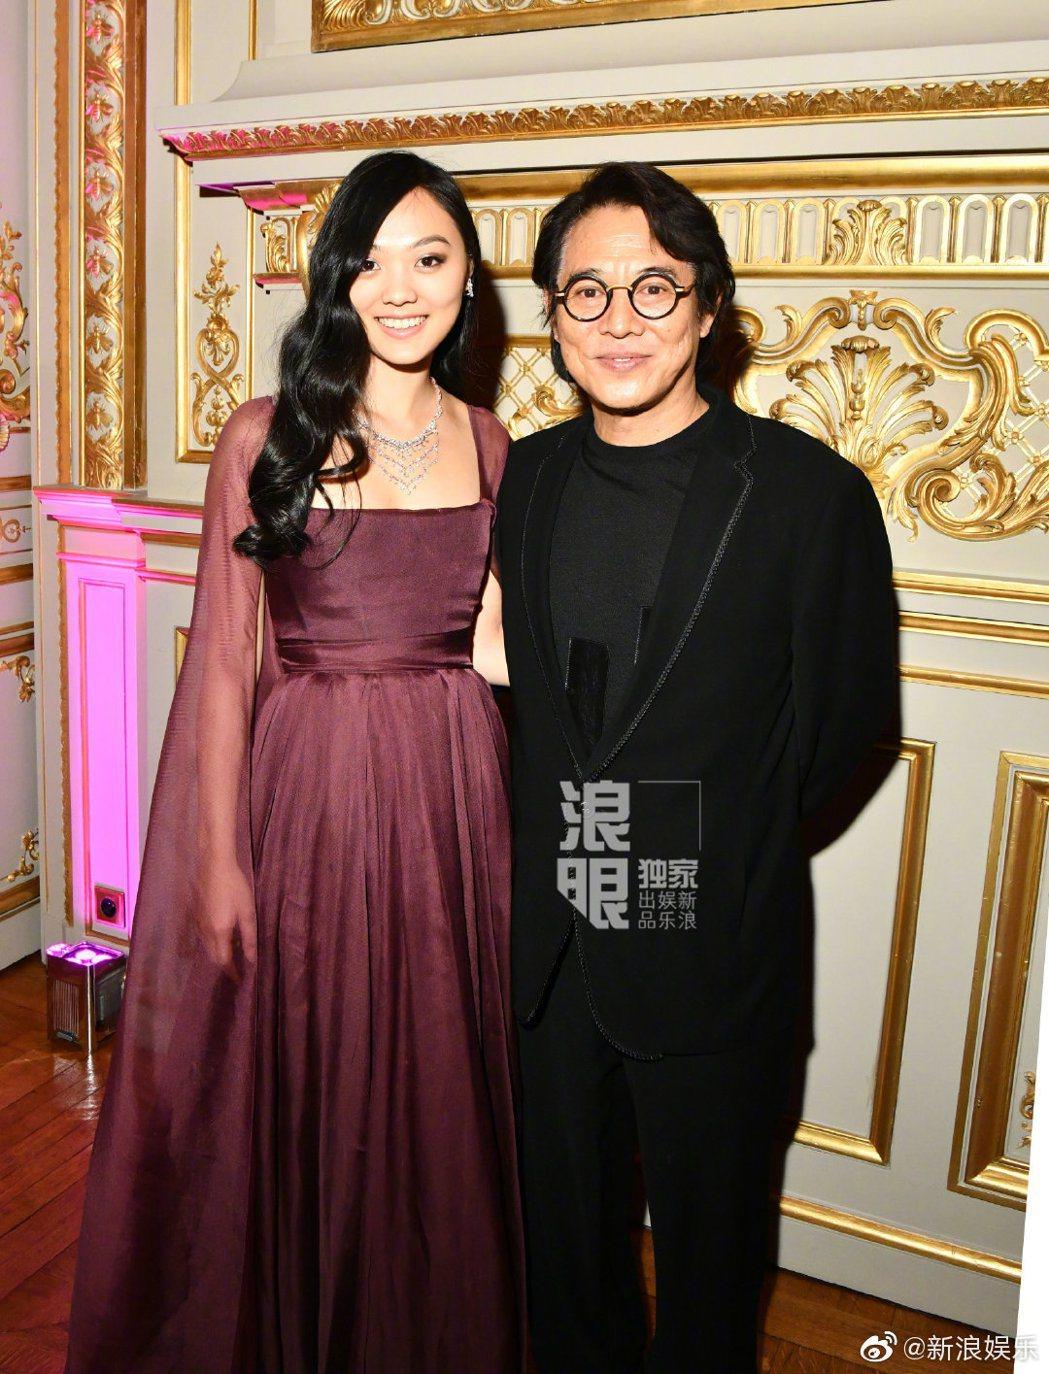 李連杰陪著女兒參加巴黎名媛舞會。 圖/擷自新浪娛樂微博